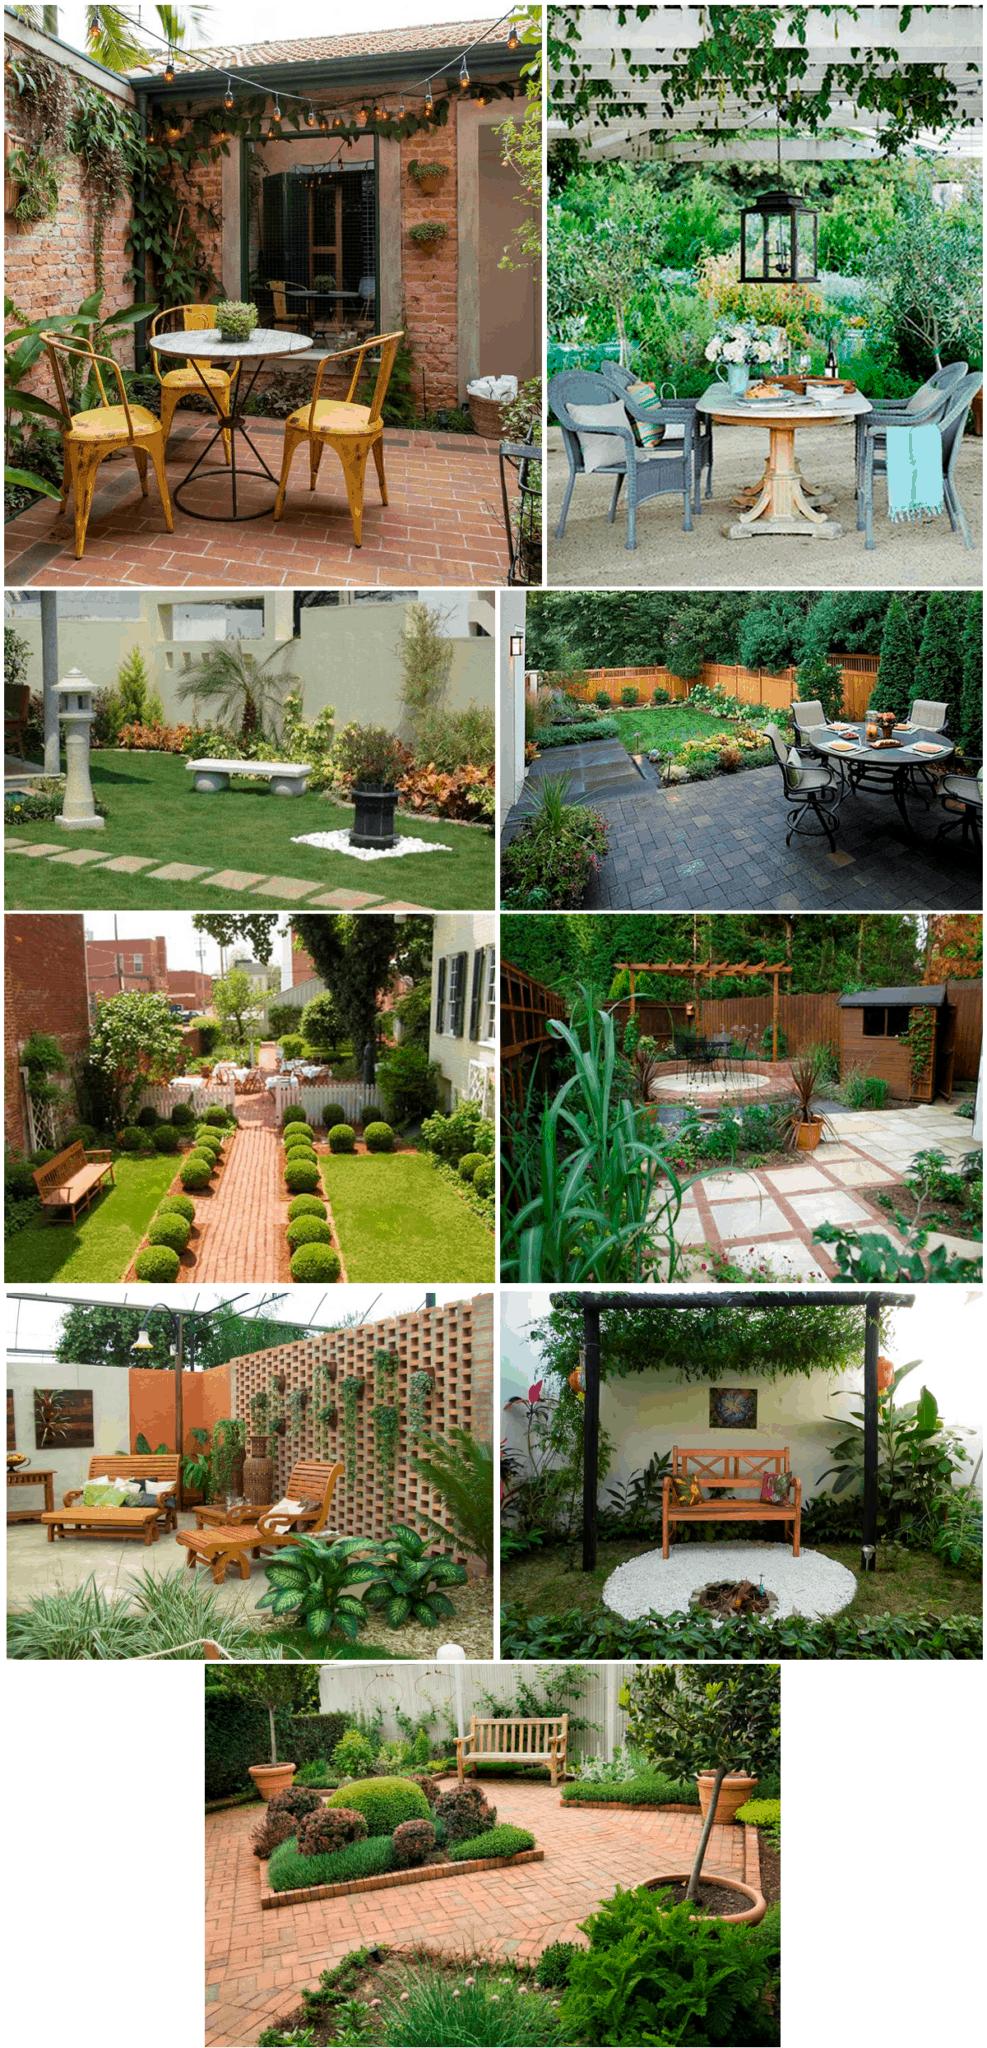 jardim-dos-sonhos-decorar-com-charme-mesa-cadeira (1)